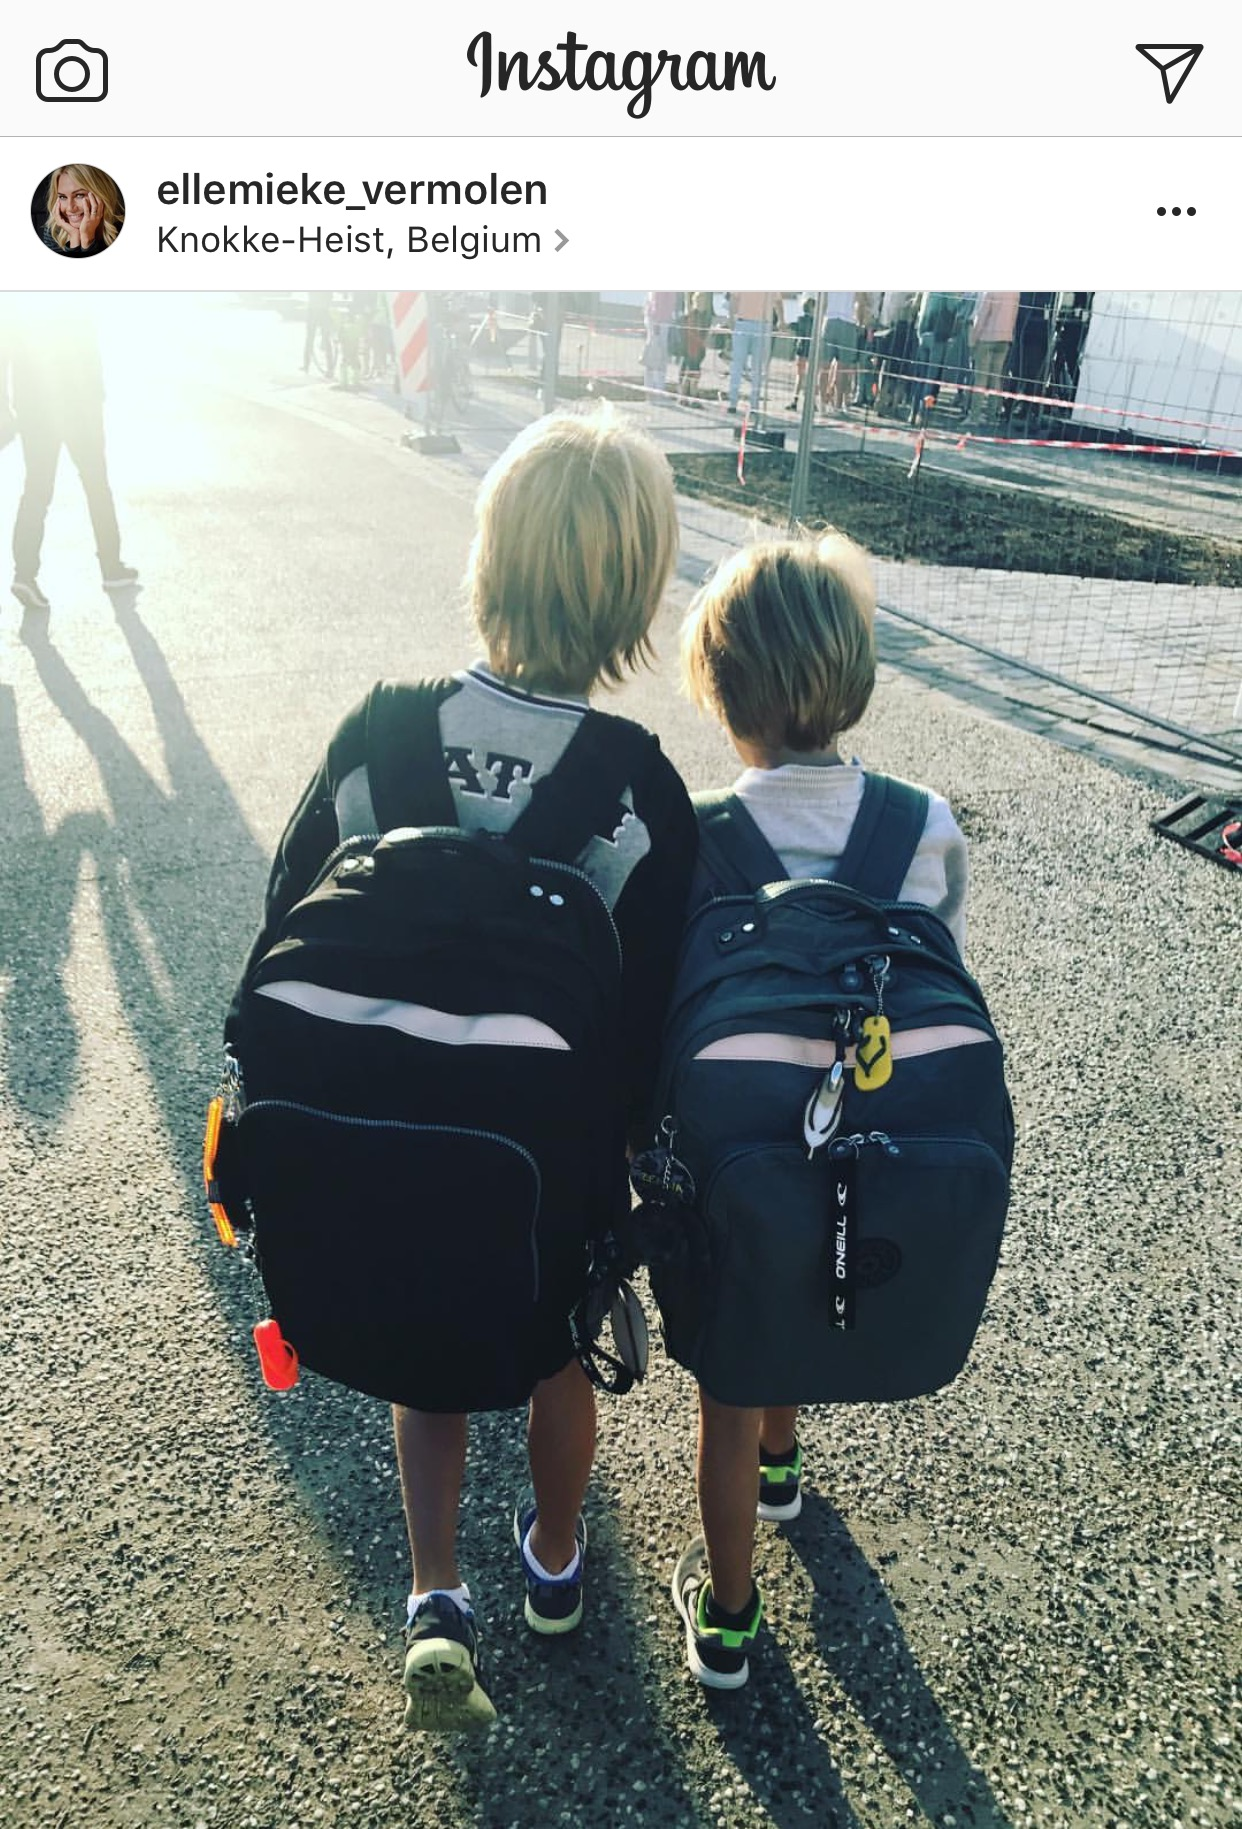 66dd141f5c3 Ellemieke Vermolen, poste deze hartverwarmende foto van haar 2 zonen  onderweg naar school. Nieuwe mooie boekentassen en klaar voor een nieuw  schooljaar!